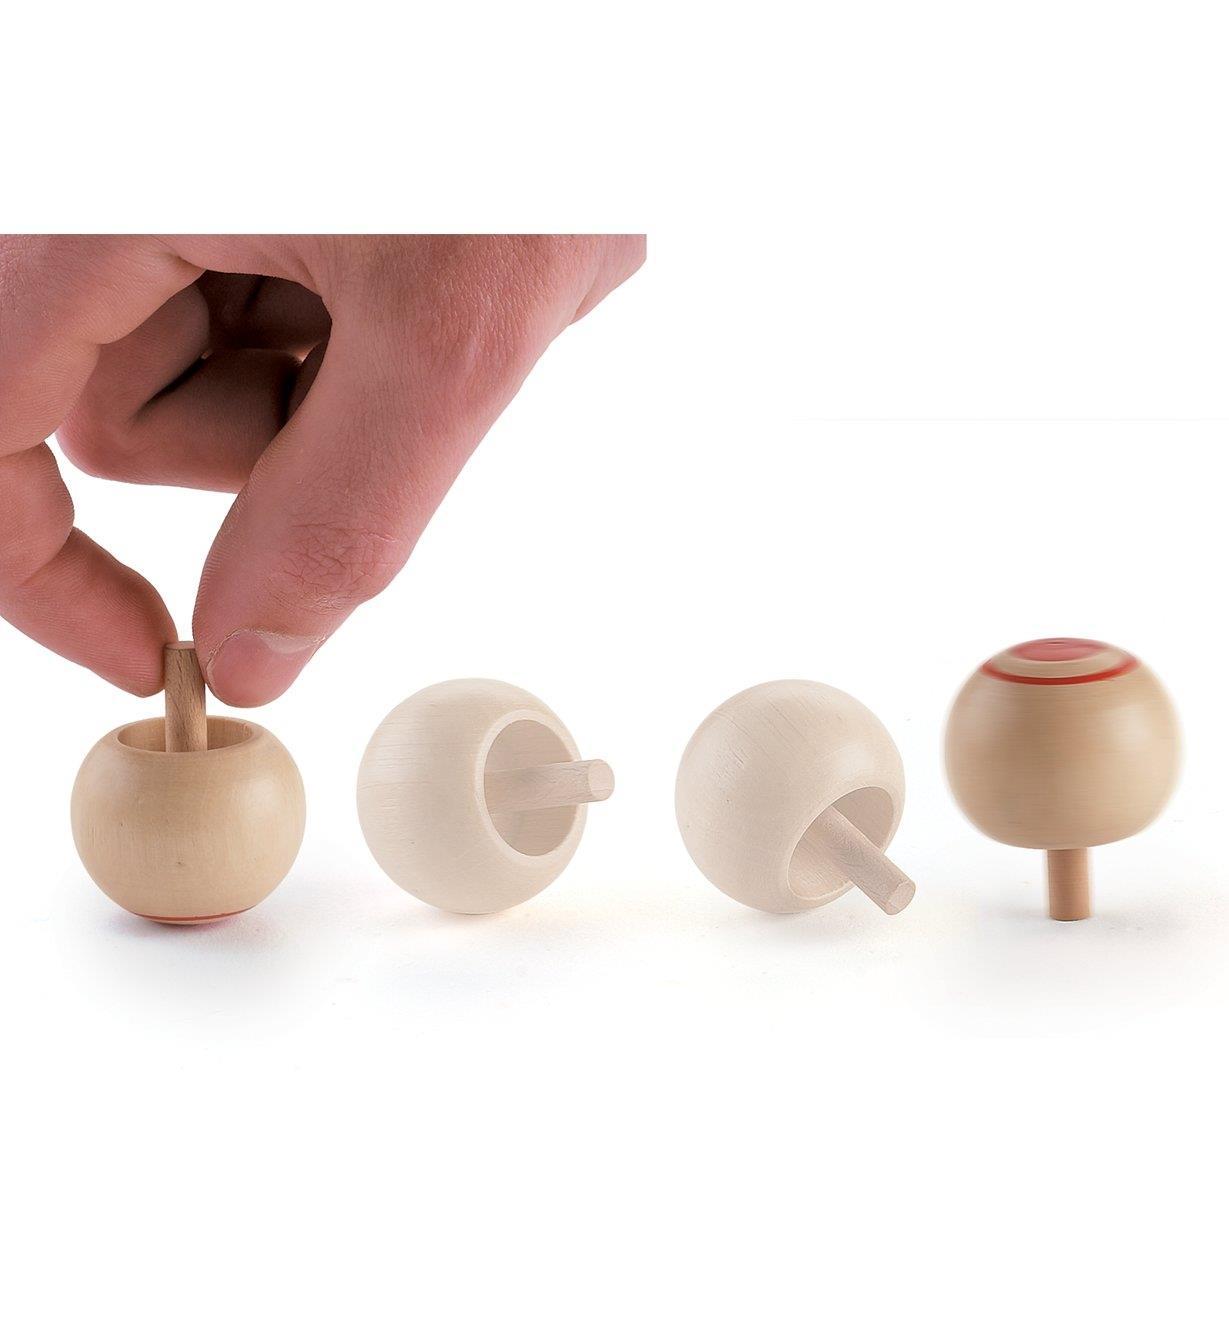 45K1777 - Wooden Tops, set of 3